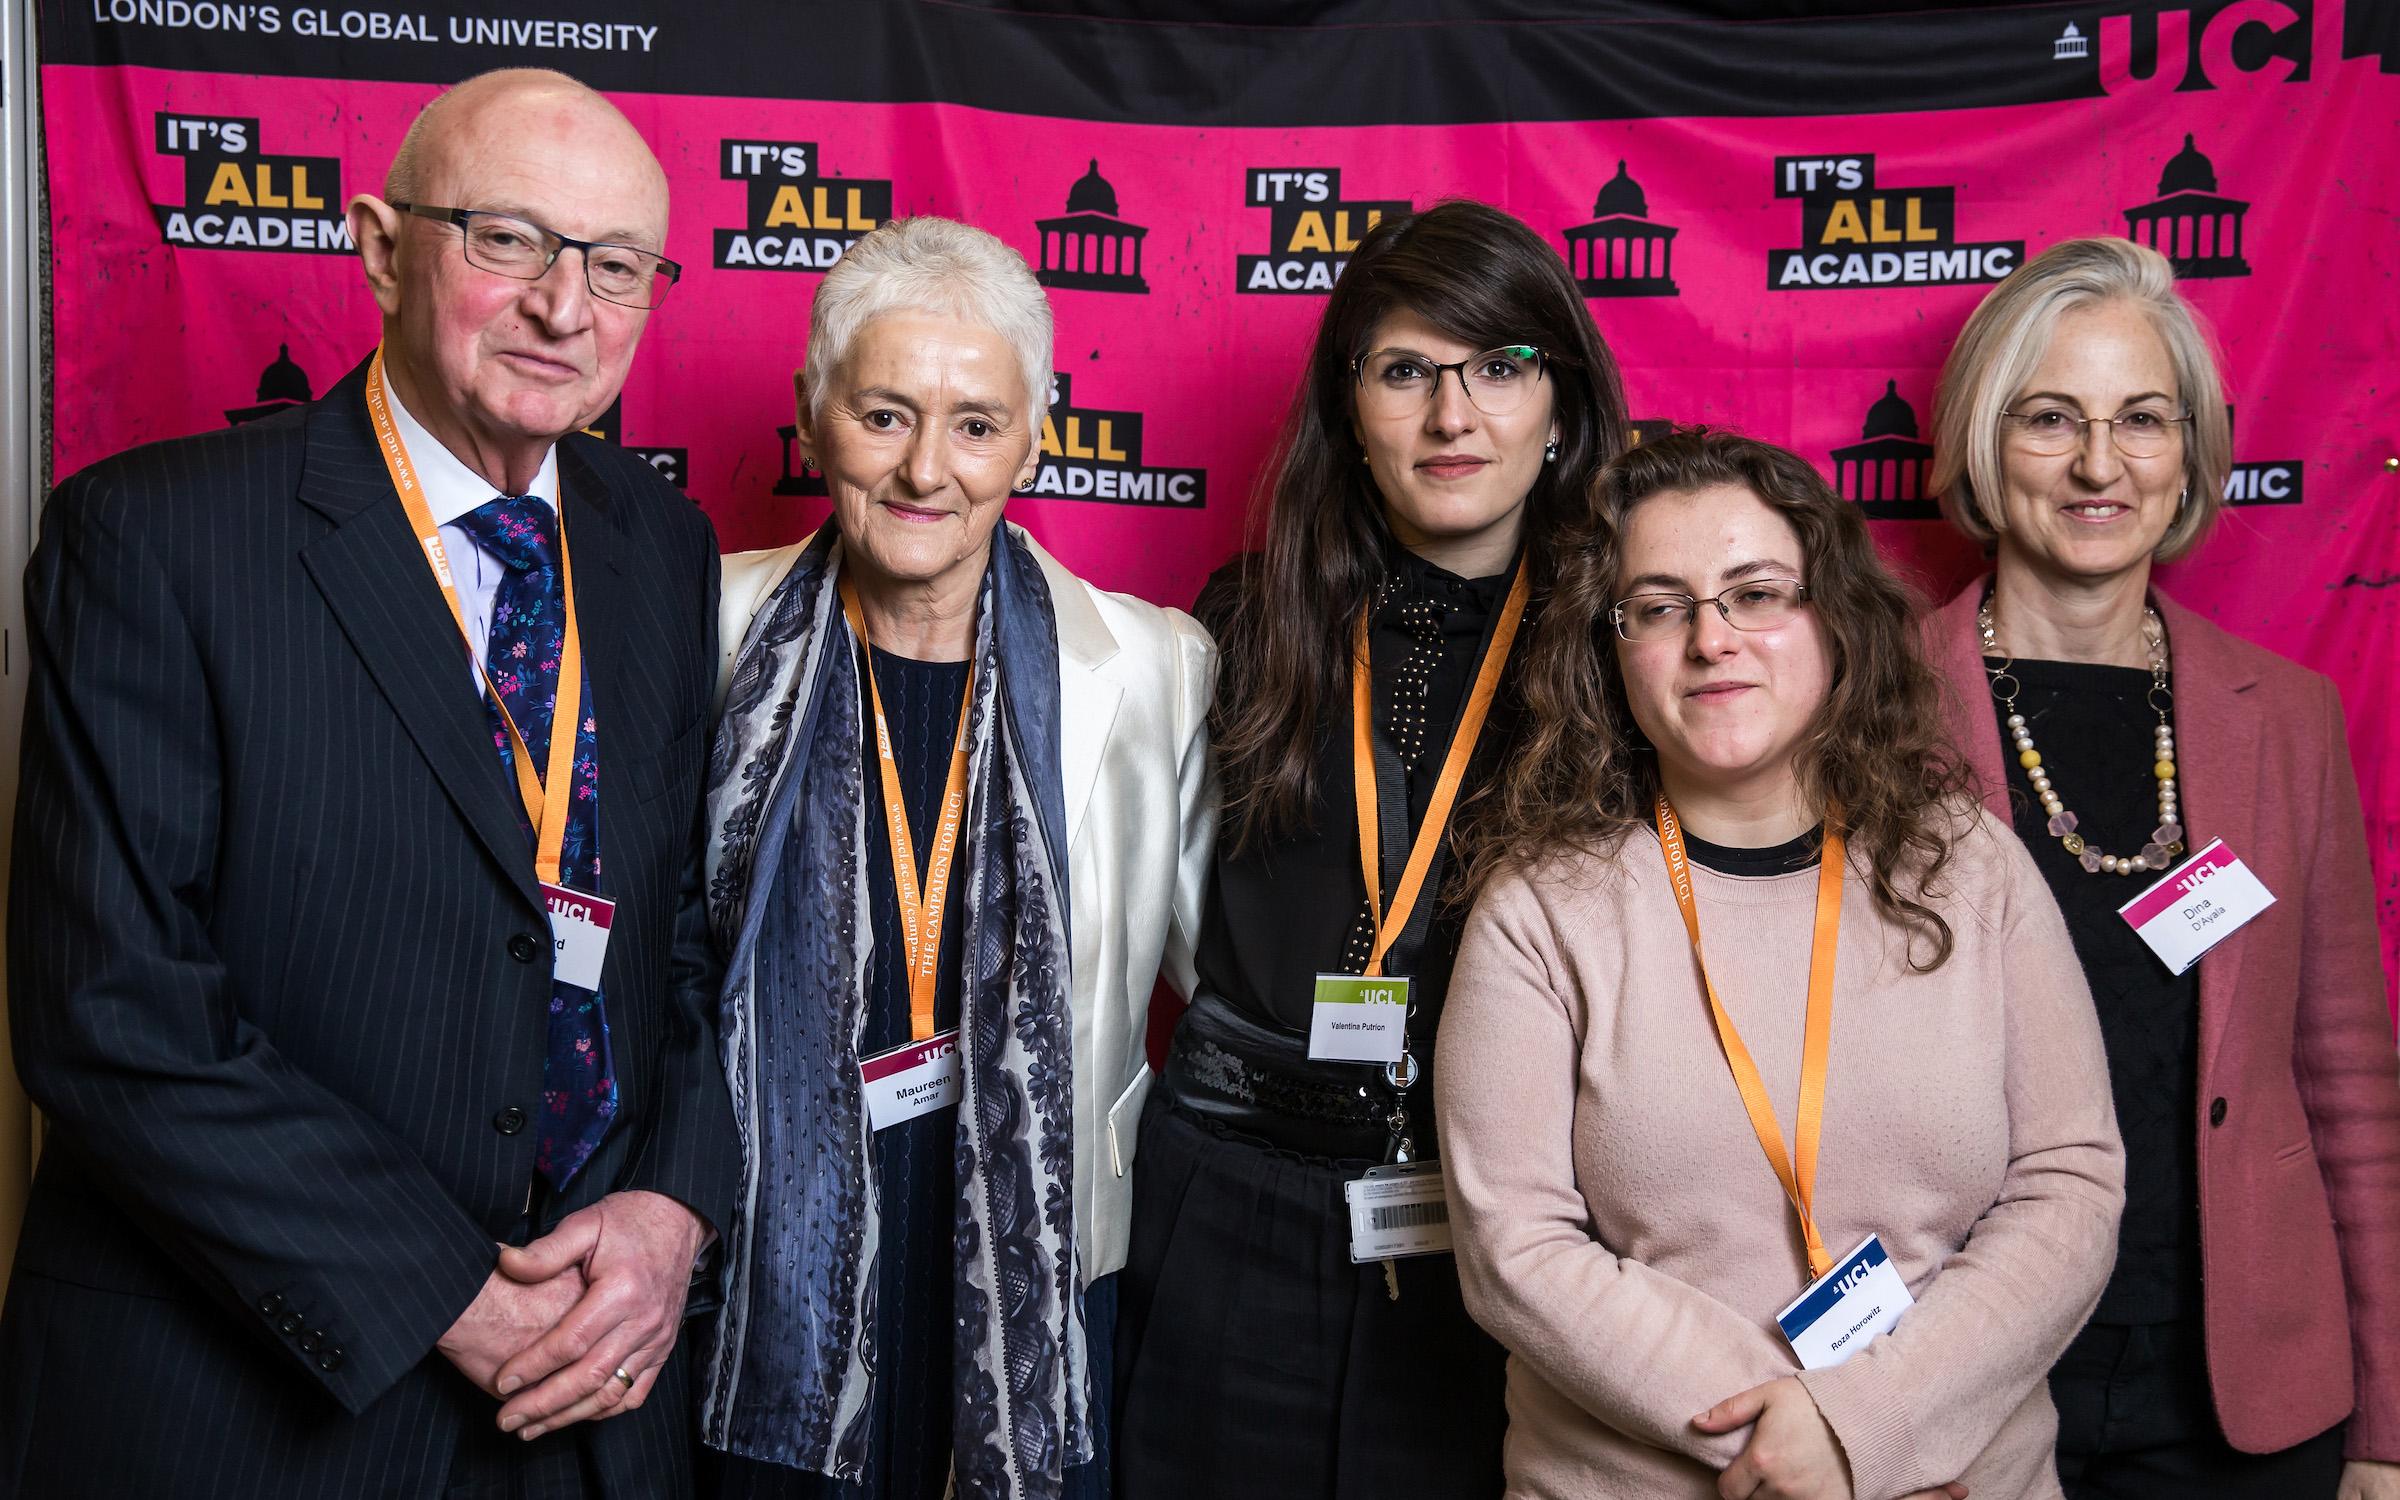 PhD Student Valentina Putrino with Maureen Amar, Richard Jenkins and Professor Dina D'Ayala at the UCL Scholarships and Bursaries Reception 2017